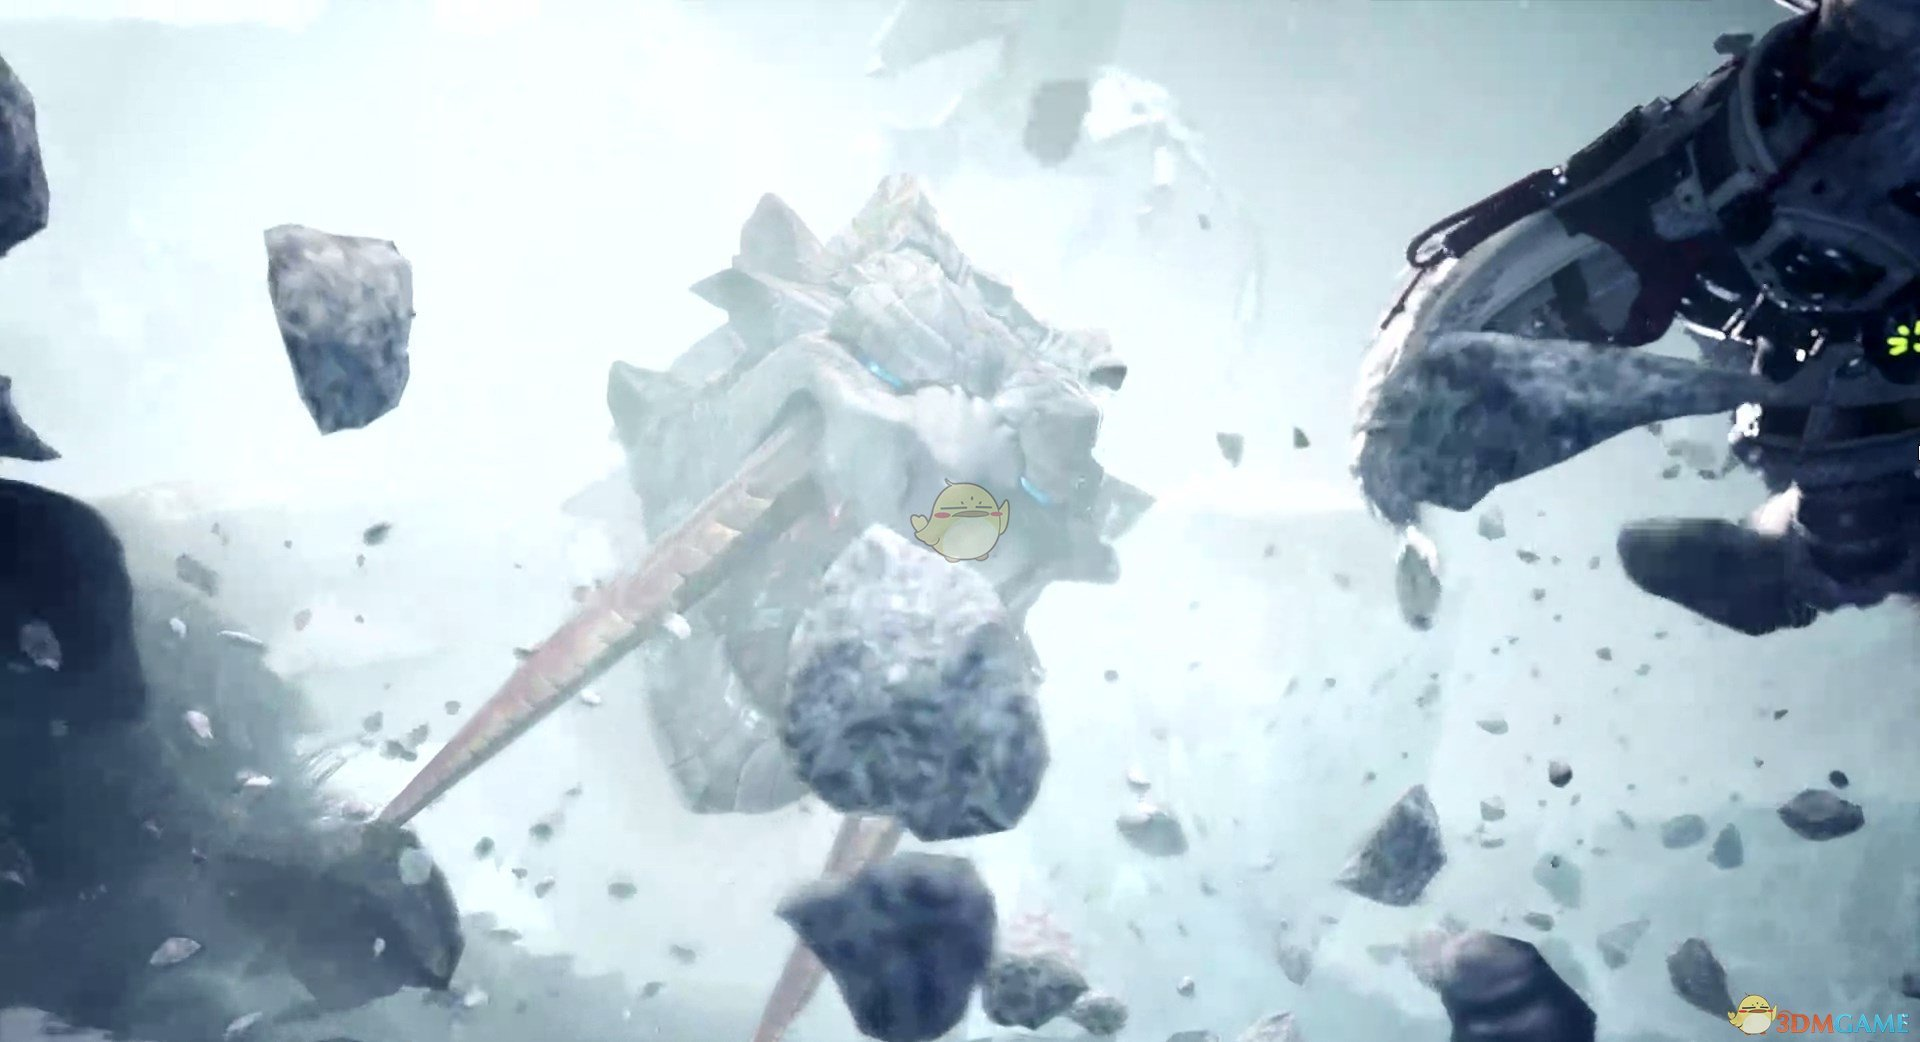 《怪物猎人:世界》冰原DLC重弩新增零件超级会心镜效果介绍